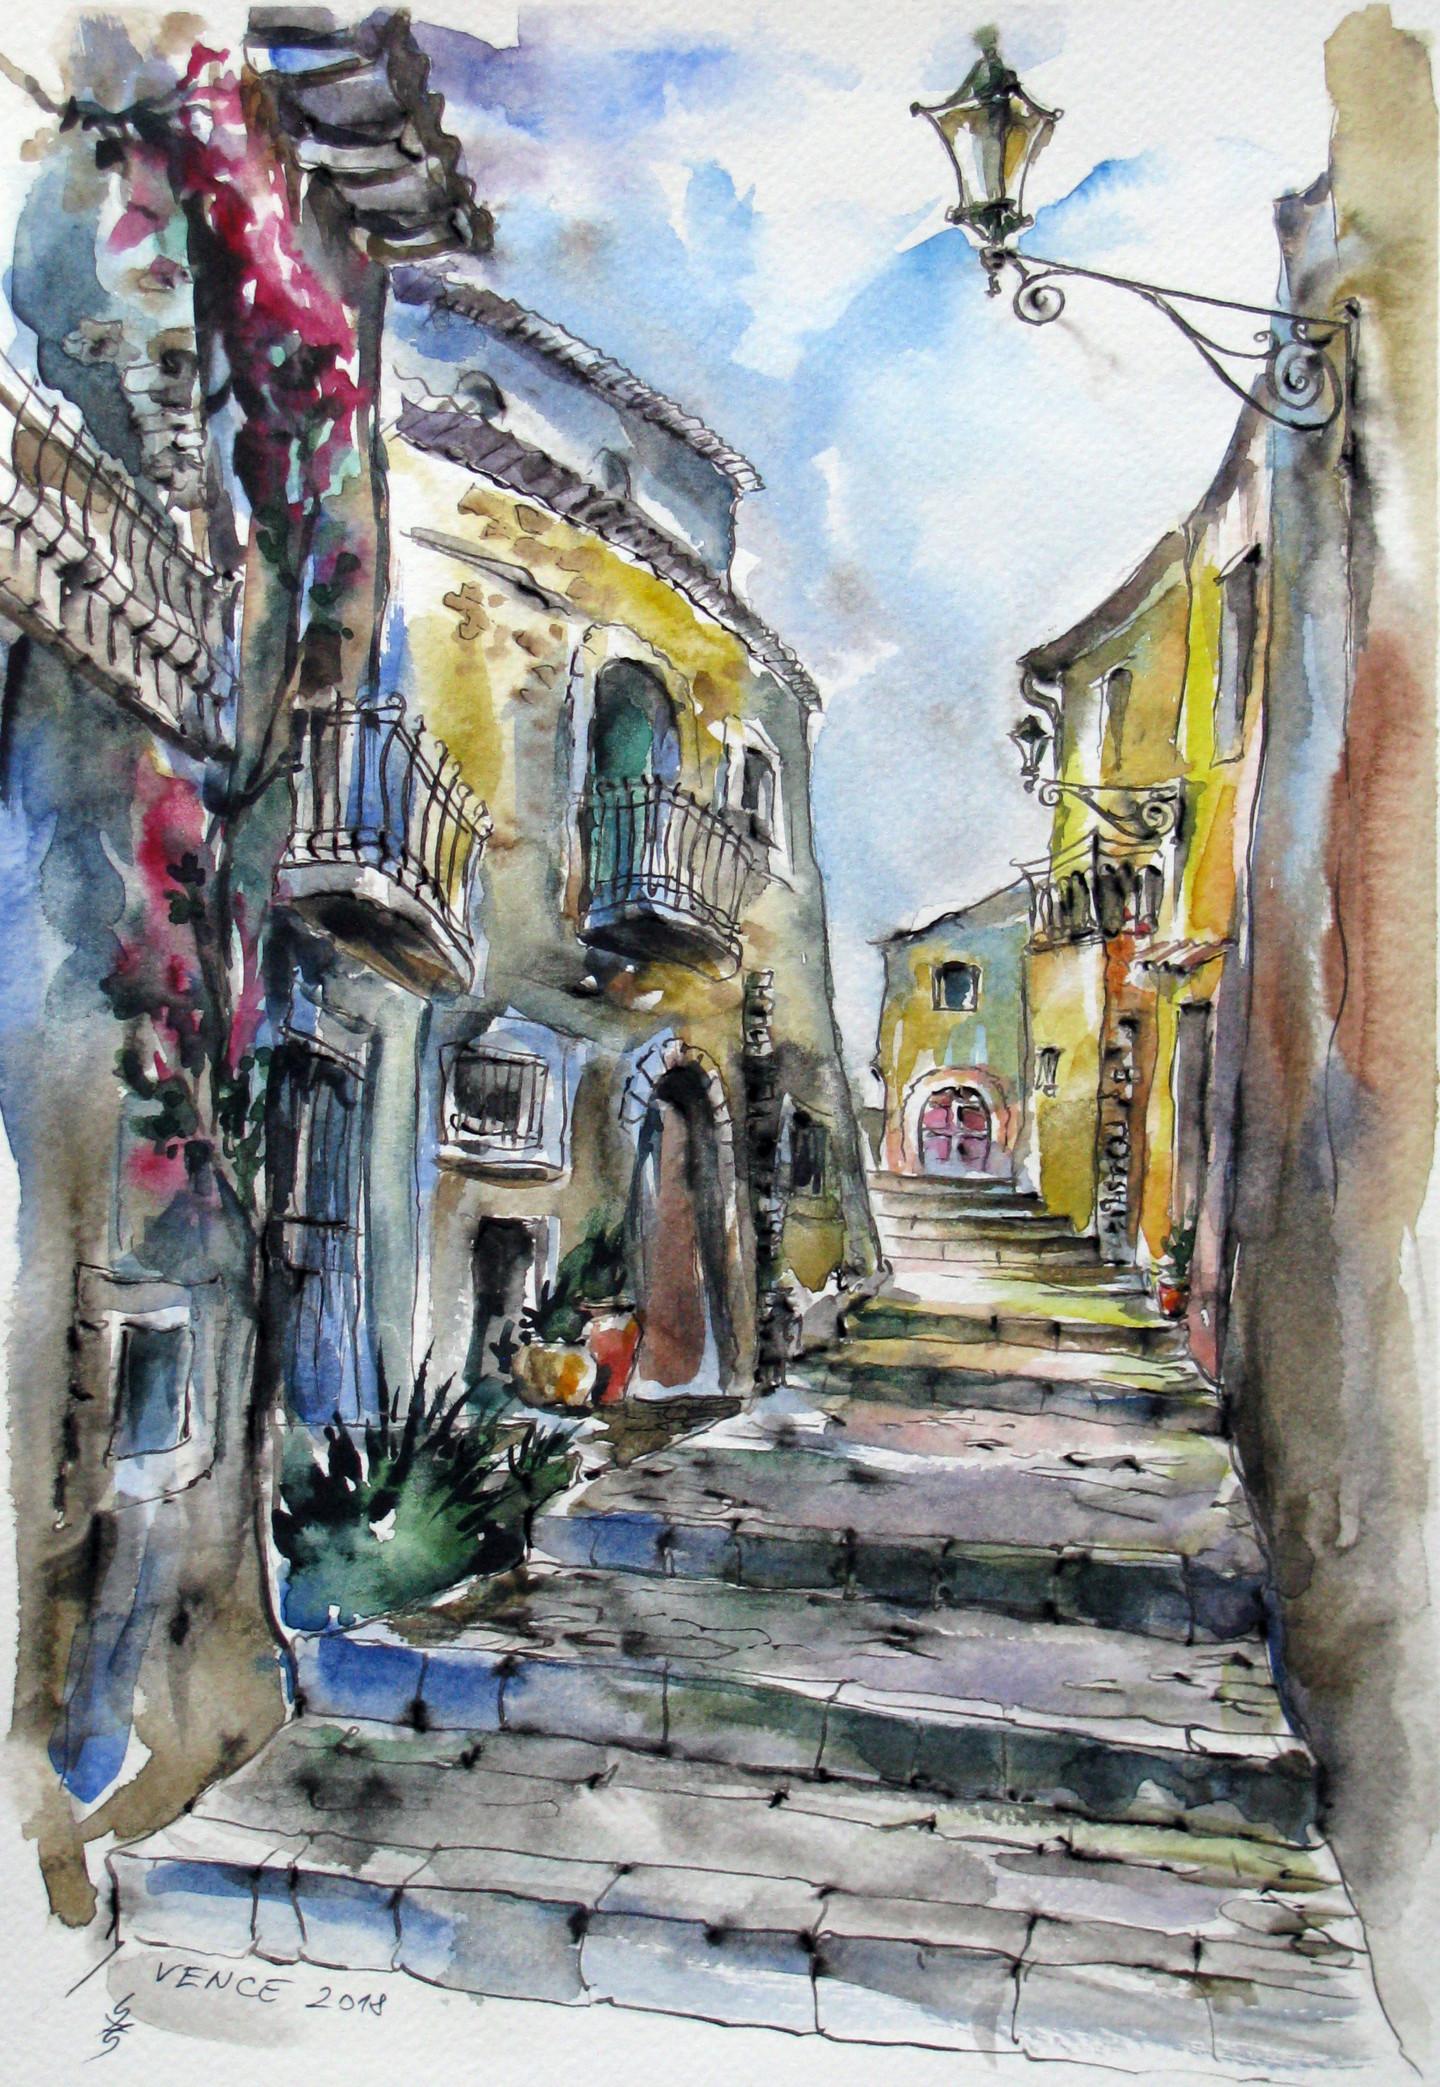 Zsolt Székelyhidi - Walk around old town Vence